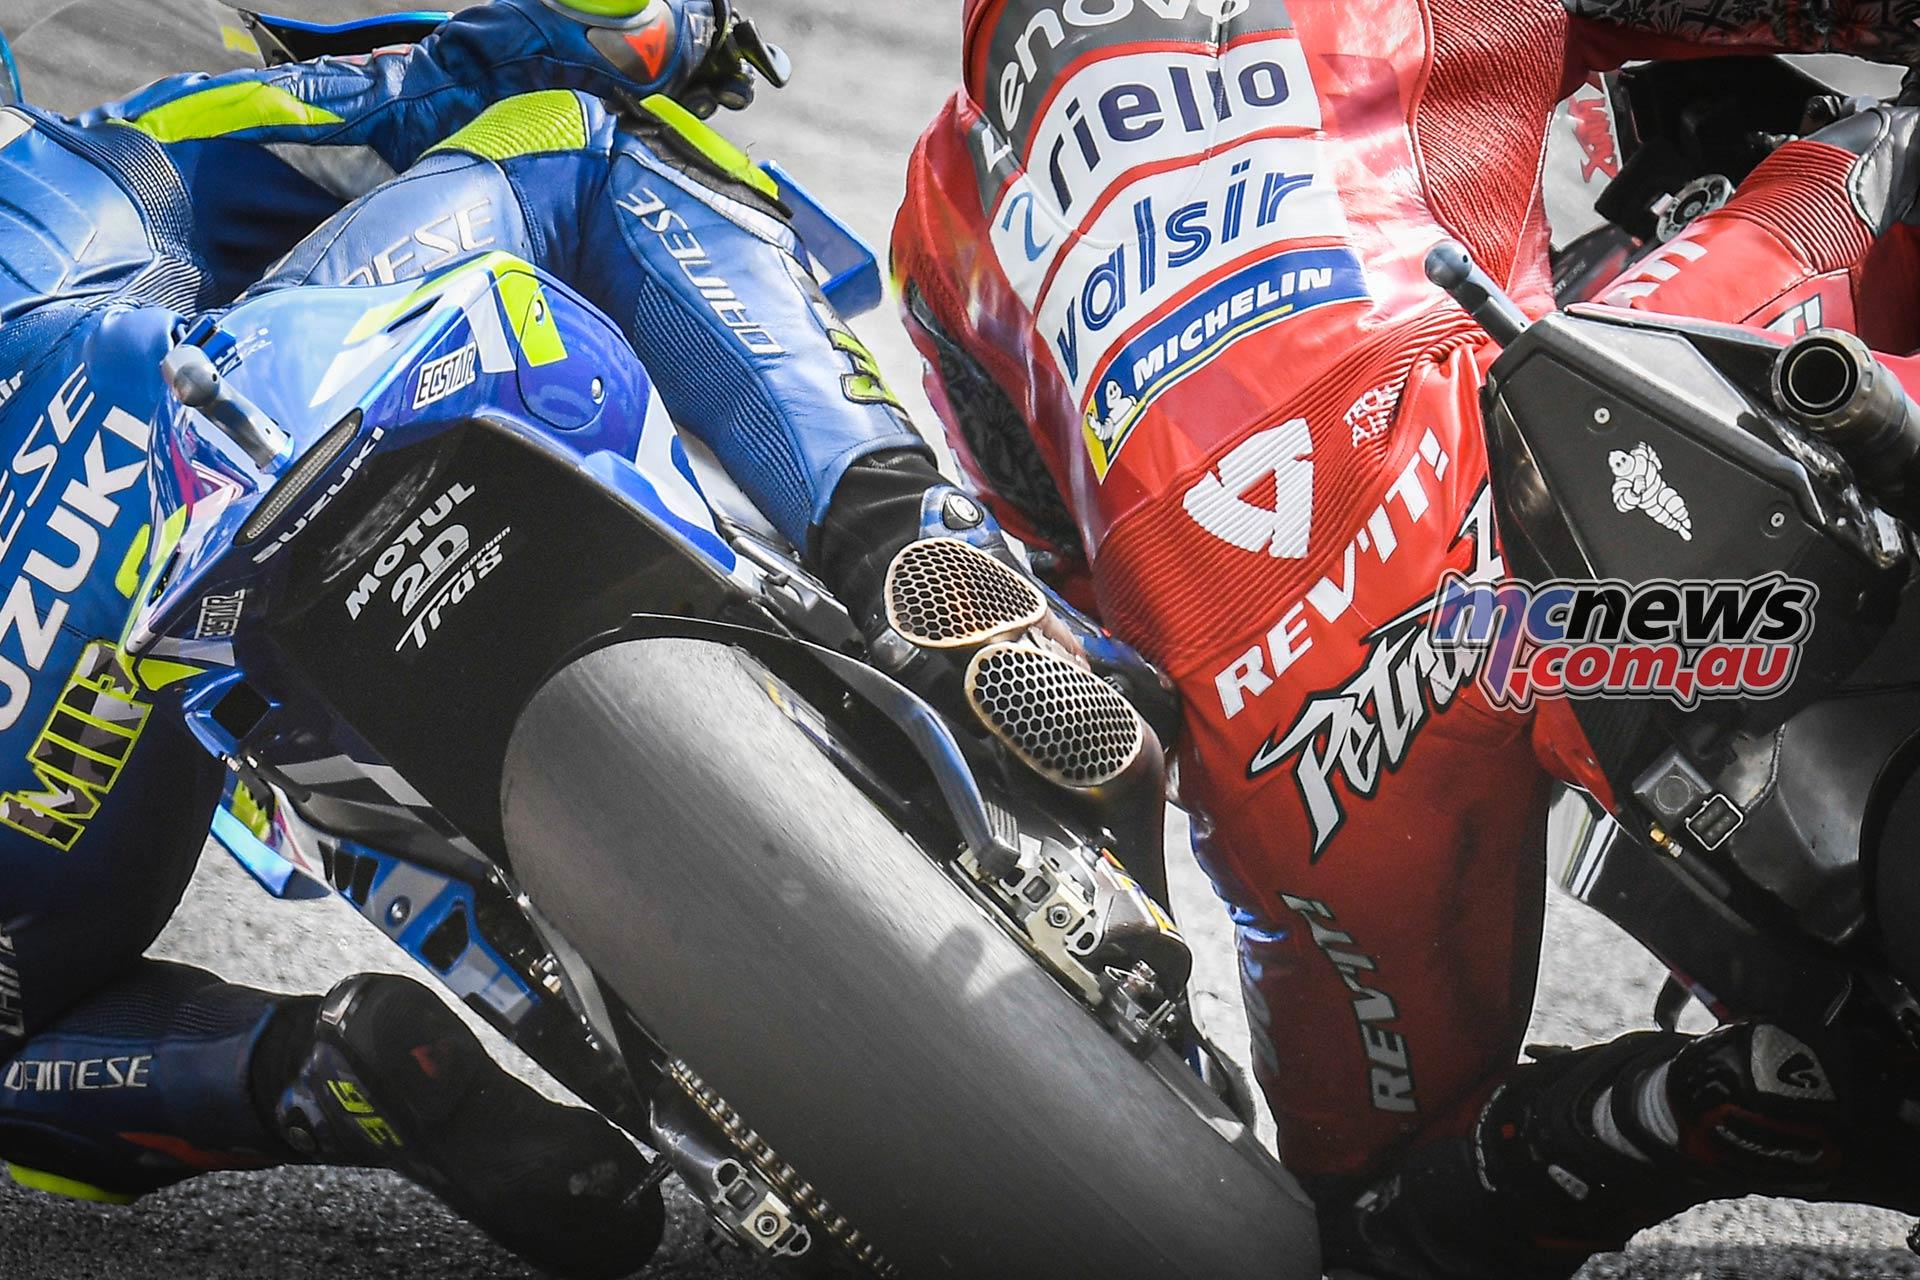 MotoGP Rnd Malaysia Mir Petrucci Clash